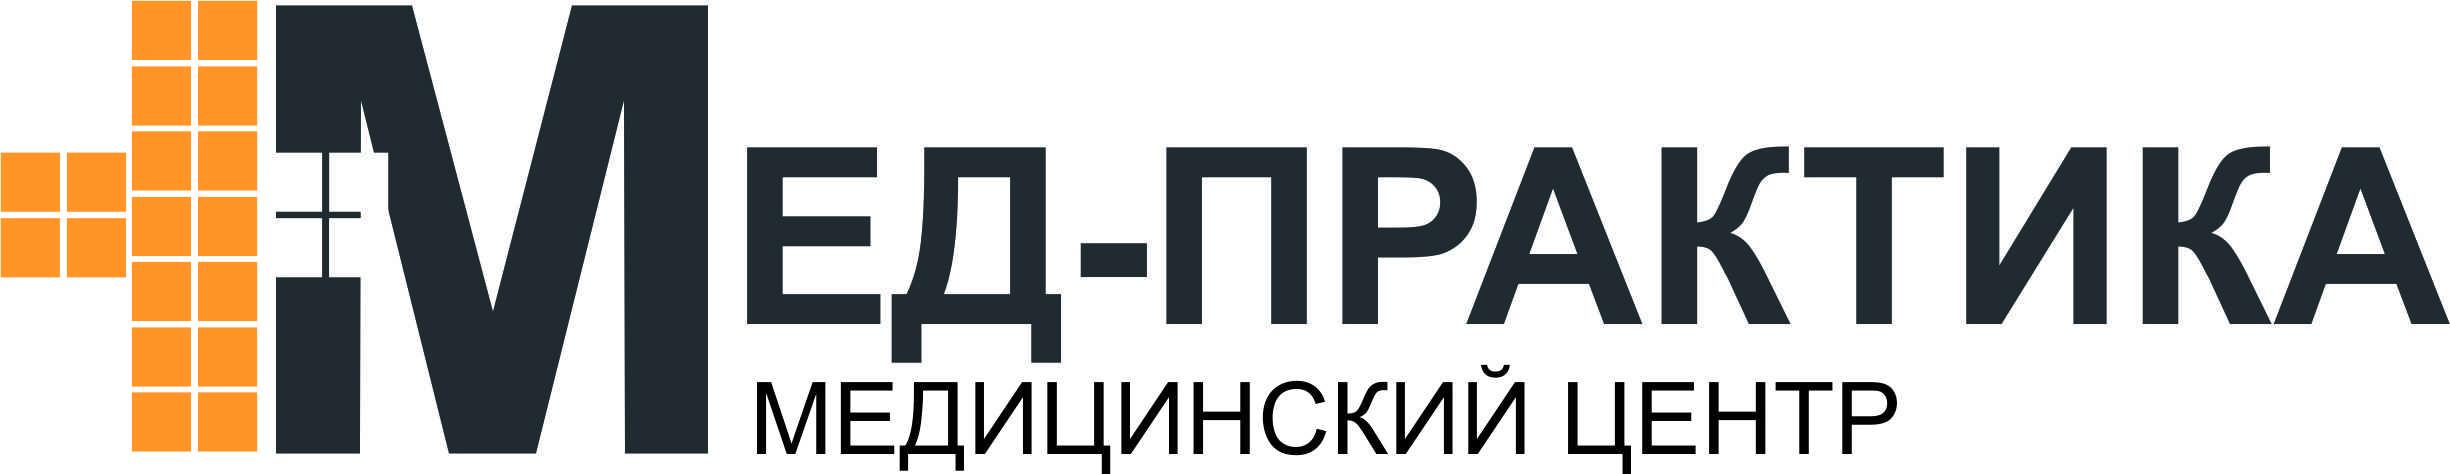 """Медицинский центр """"МЕД-ПРАКТИКА"""""""